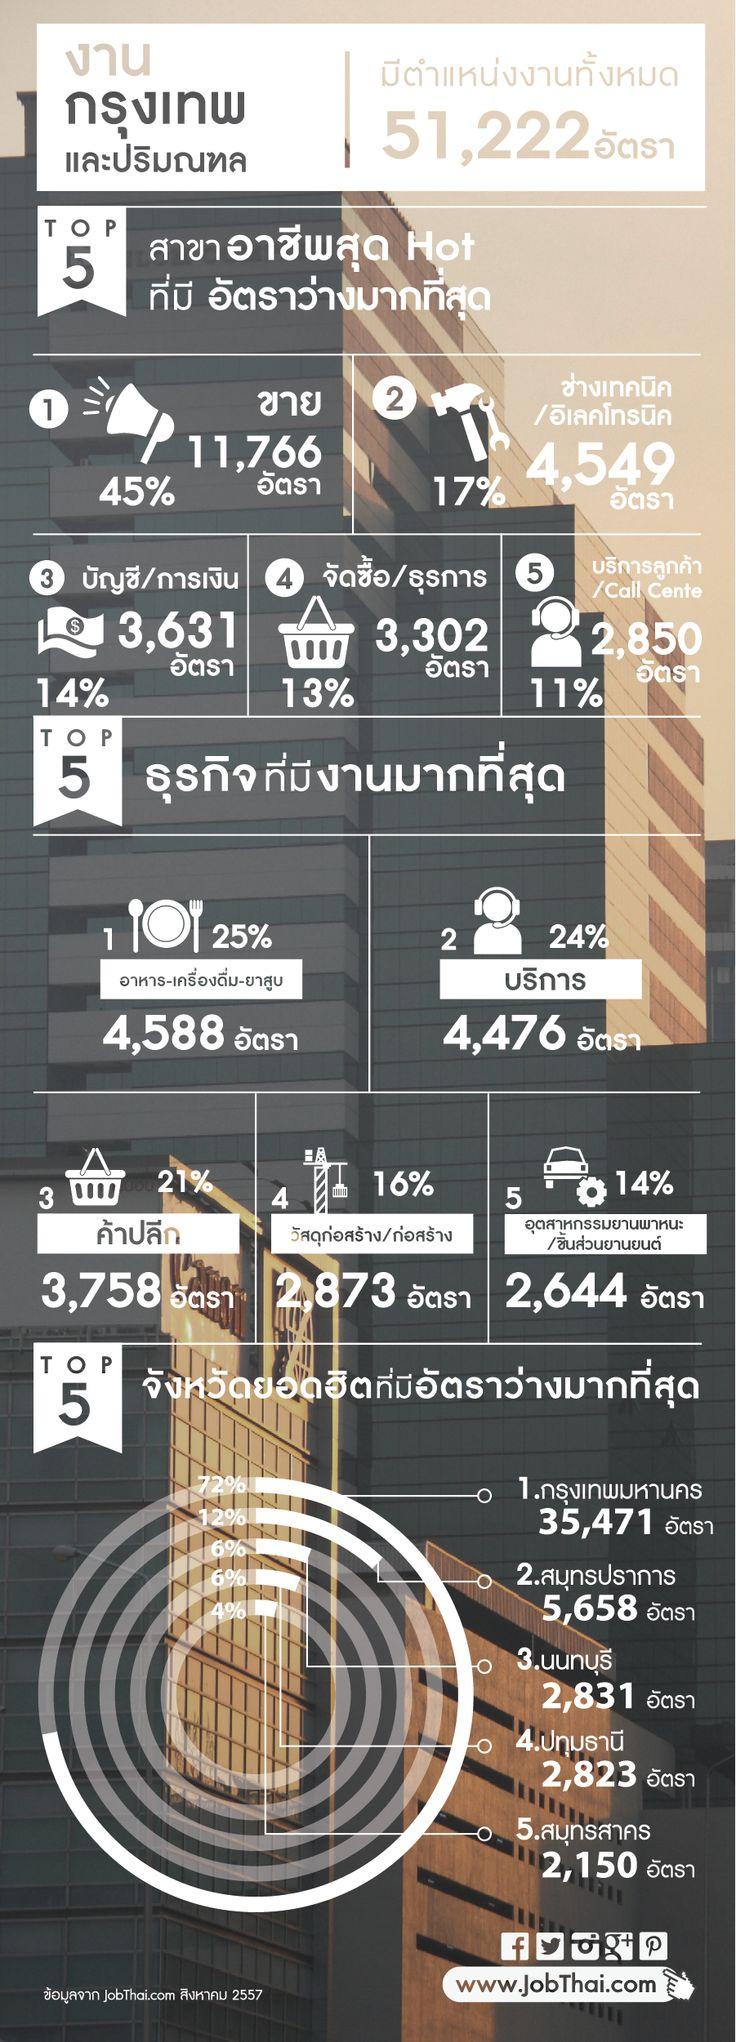 """Top Job vacancies in Bangkok Area (August 2014) ★ ติดตามเรื่องราวดีๆ อัพเดทงานเด่นทุกวัน แค่กด Like และ """"Get Notifications (รับการแจ้งเตือน)"""" ที่ www.facebook.com/... ★ สมัครสมาชิกกับ JobThai.com ฝากเรซูเม่ ส่งใบสมัครได้ง่าย สะดวก รวดเร็วผ่านปุ่ม """"Apply Now"""" (ฟรี ไม่มีค่าใช้จ่าย) www.jobthai.com/... ★ ค้นหางานอื่น ๆ จากบริษัทชั้นนำทั่วประเทศกว่า 70,000 อัตรา ได้ที่ www.jobthai.com/..."""